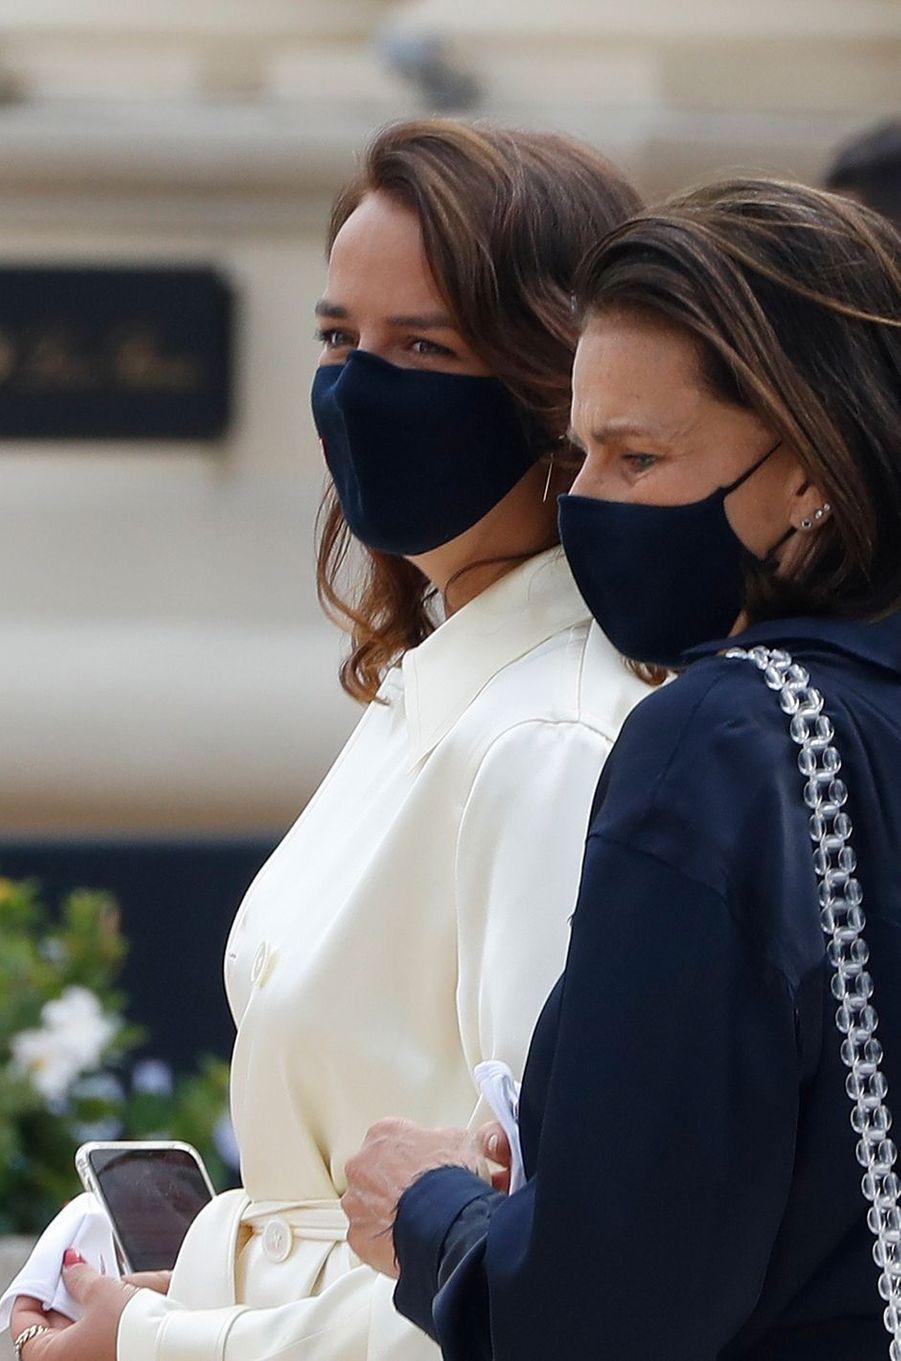 Pauline Ducruet et la princesse Stéphanie de Monaco à Monaco, le 2 juin 2020